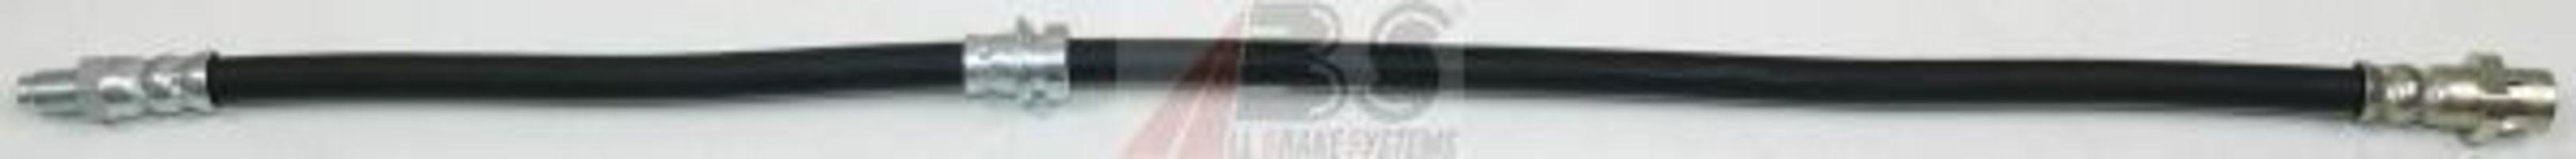 Шланг тормозной A.B.S. SL5833